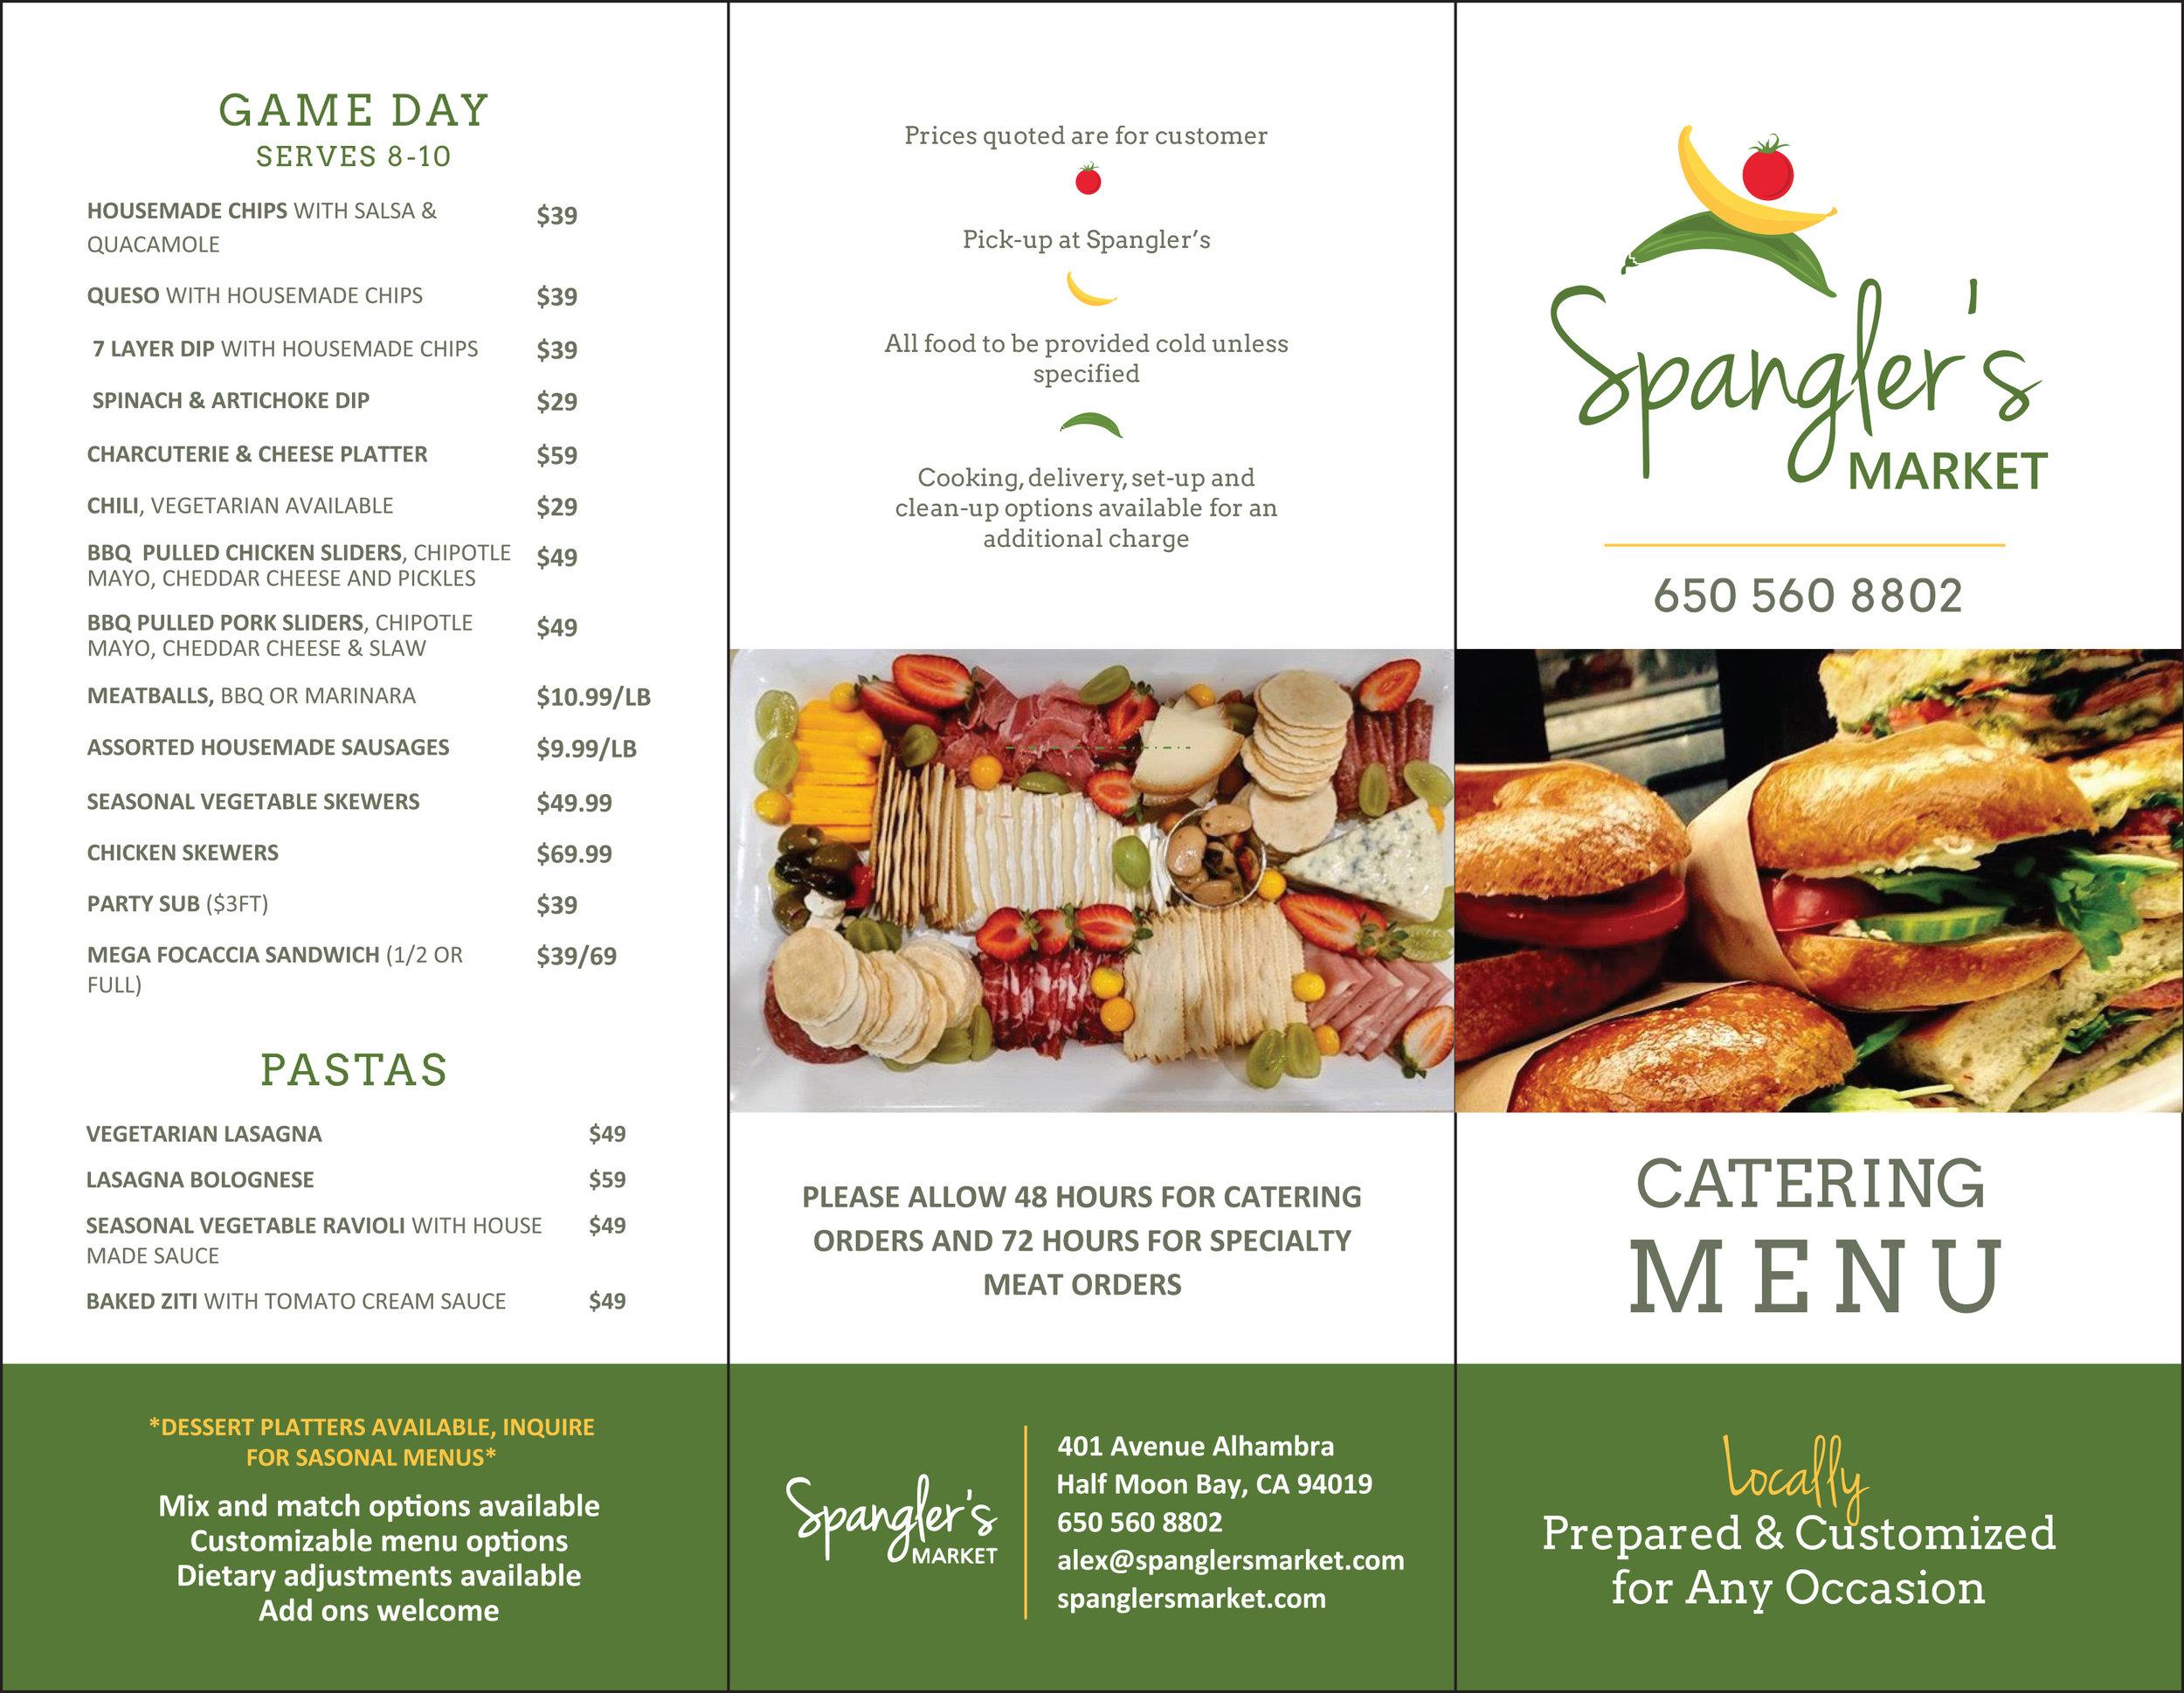 Spanglers-menu-1.jpg